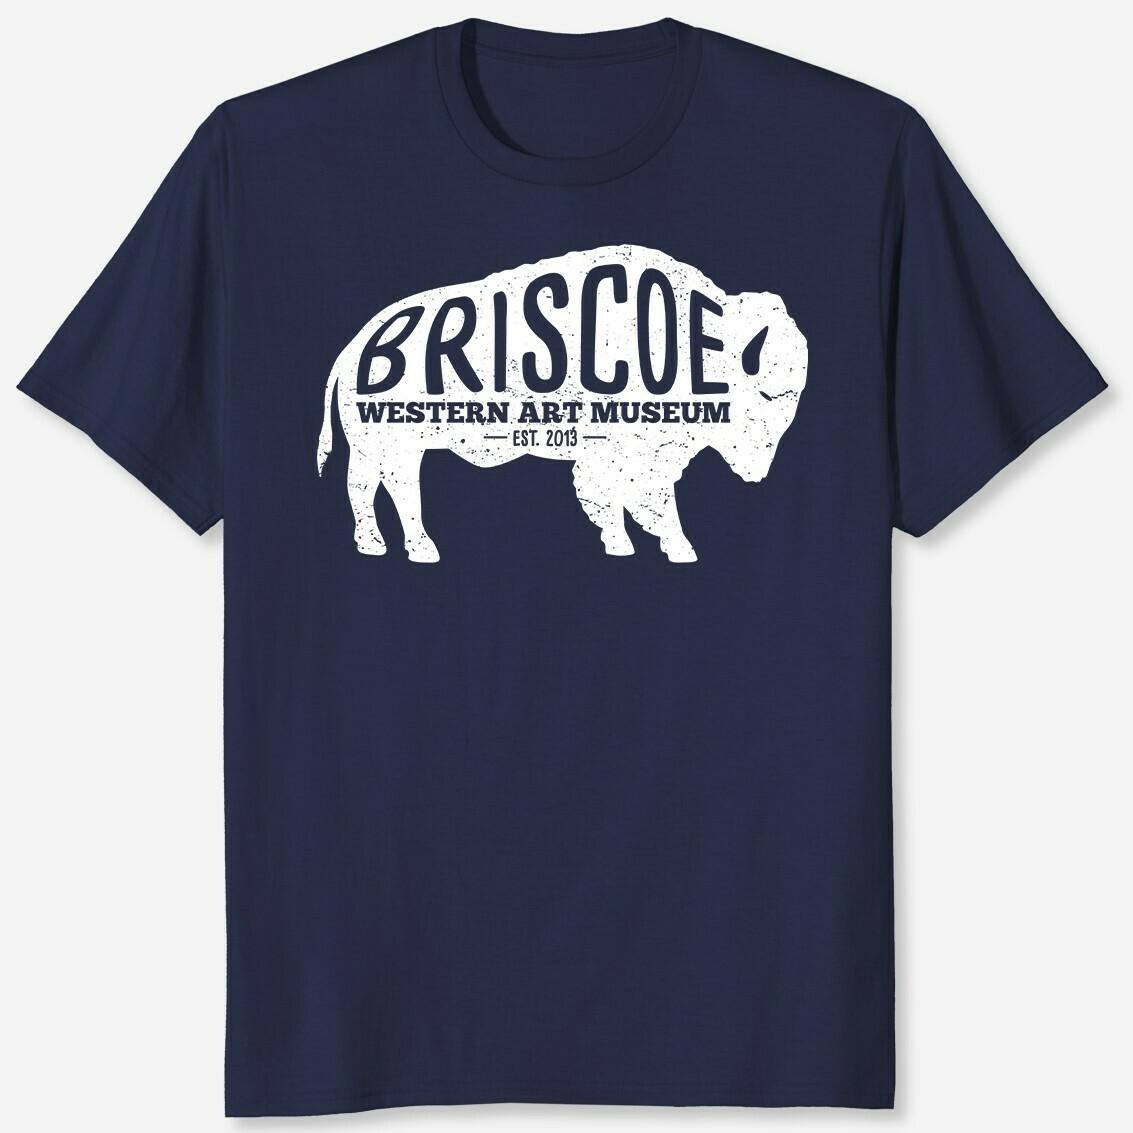 Briscoe Western Art Museum Est. 2013 T-Shirt